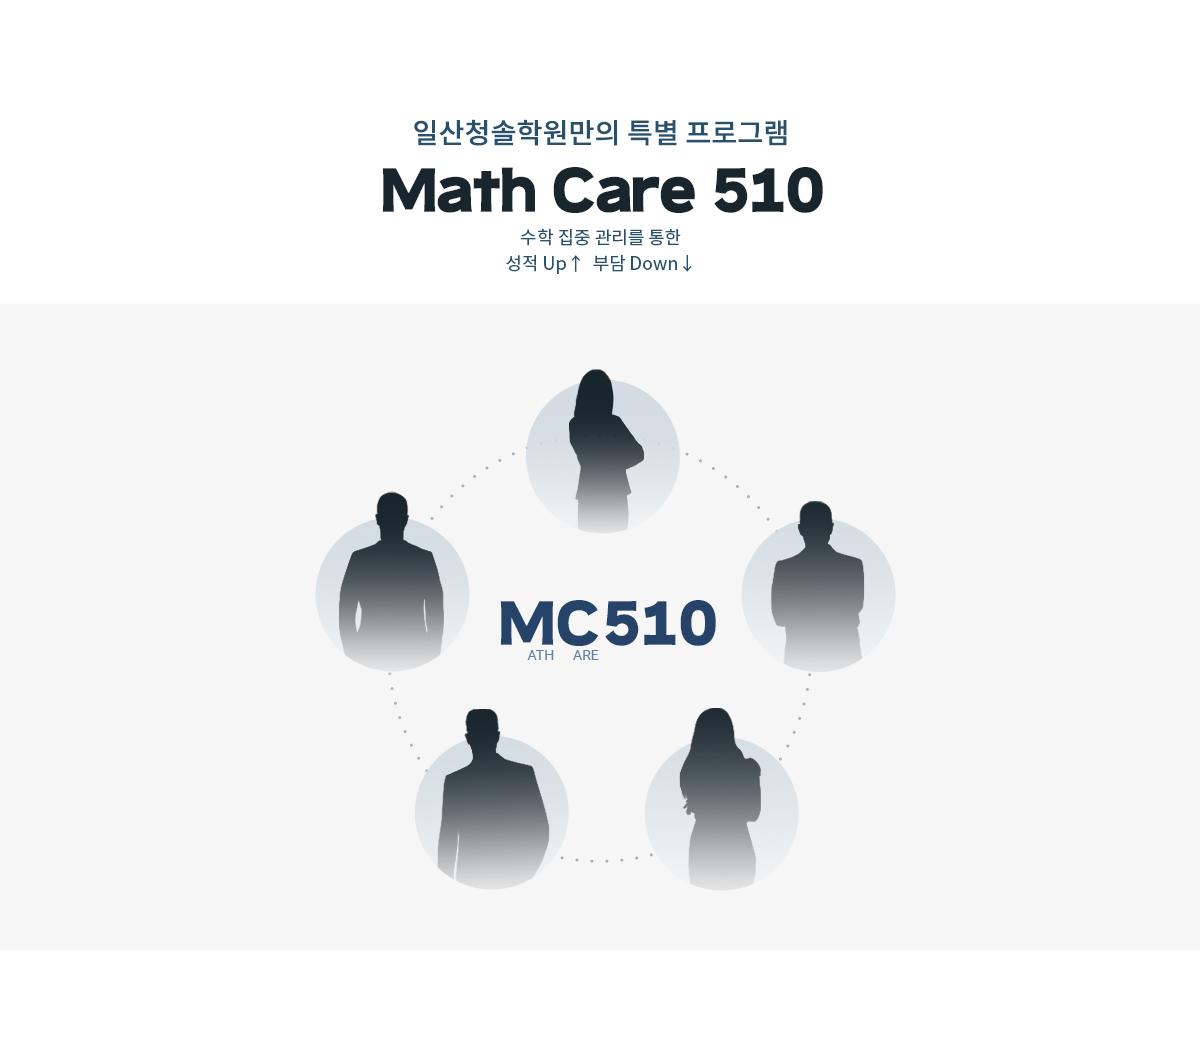 Math Care 510